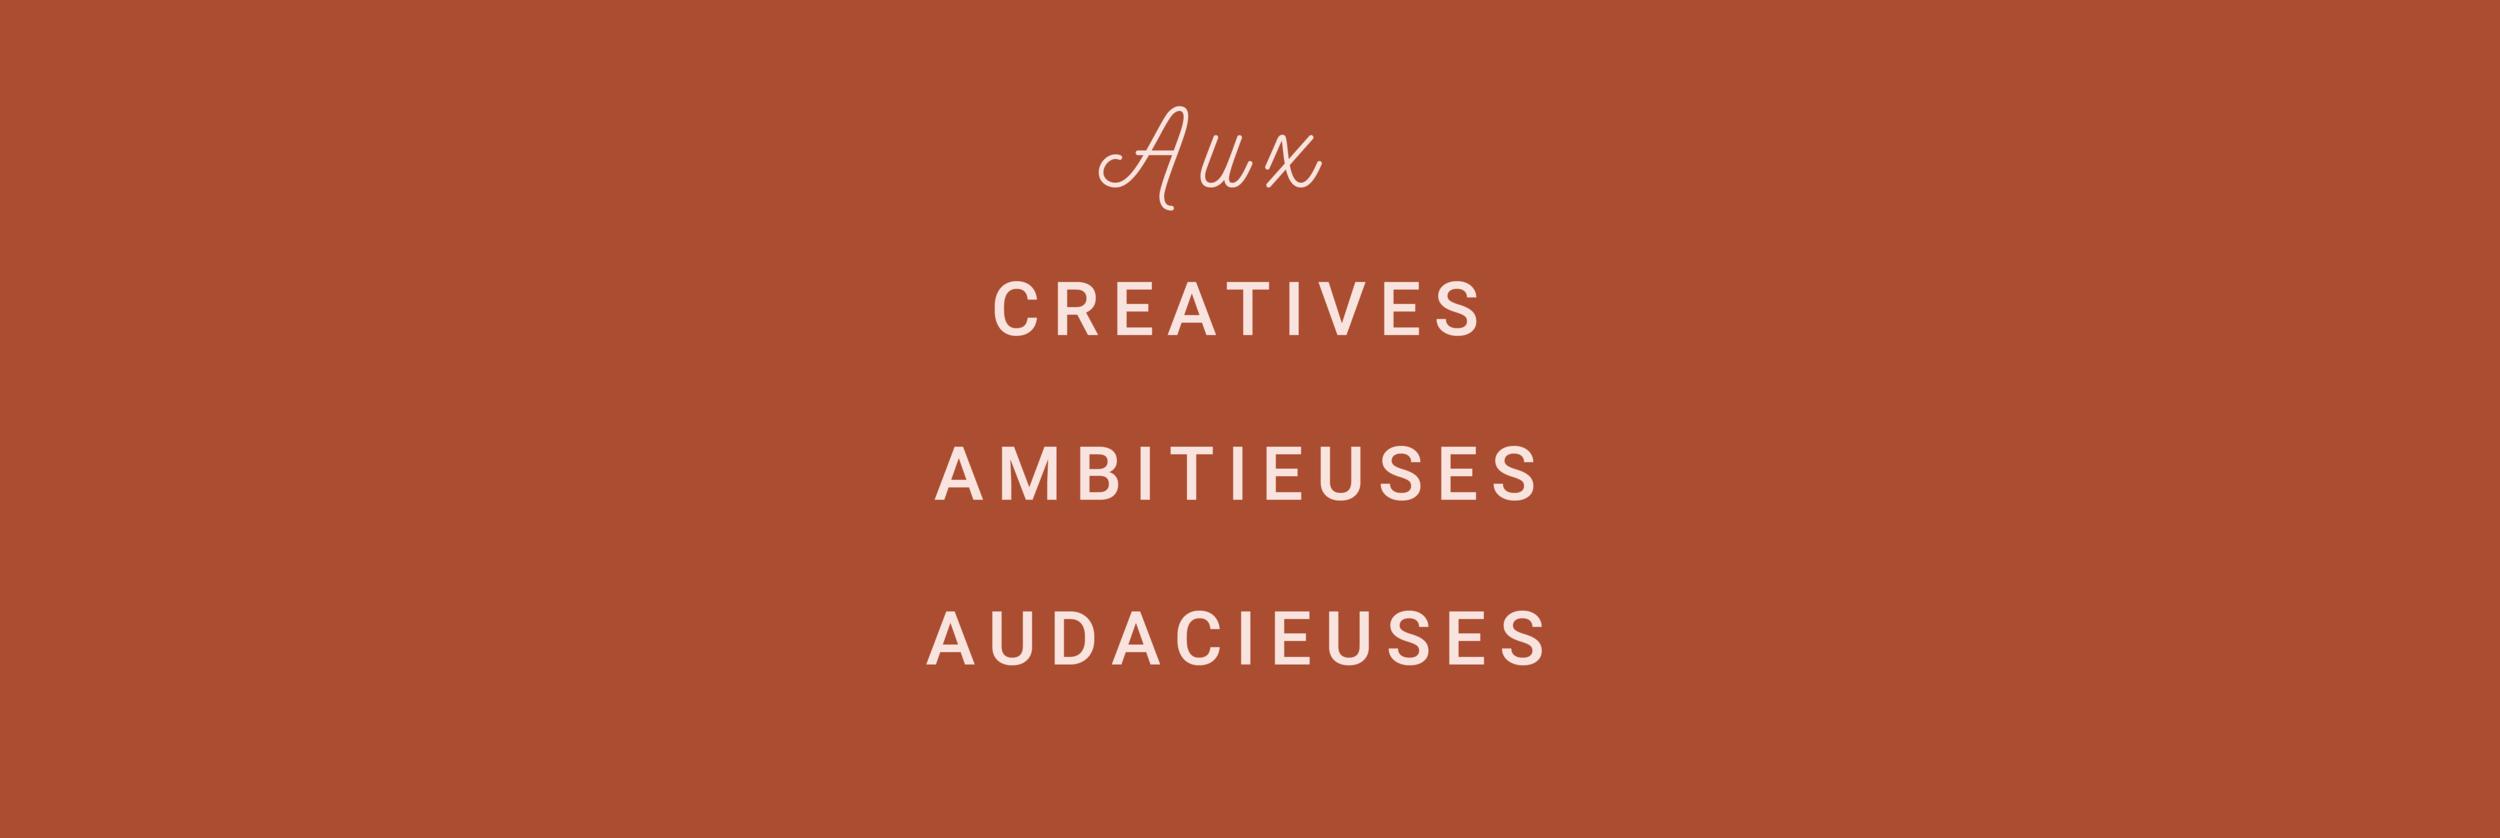 Mes prestations s'adressent aux créatives, ambitieuses et audacieuses - victorinepiot.com